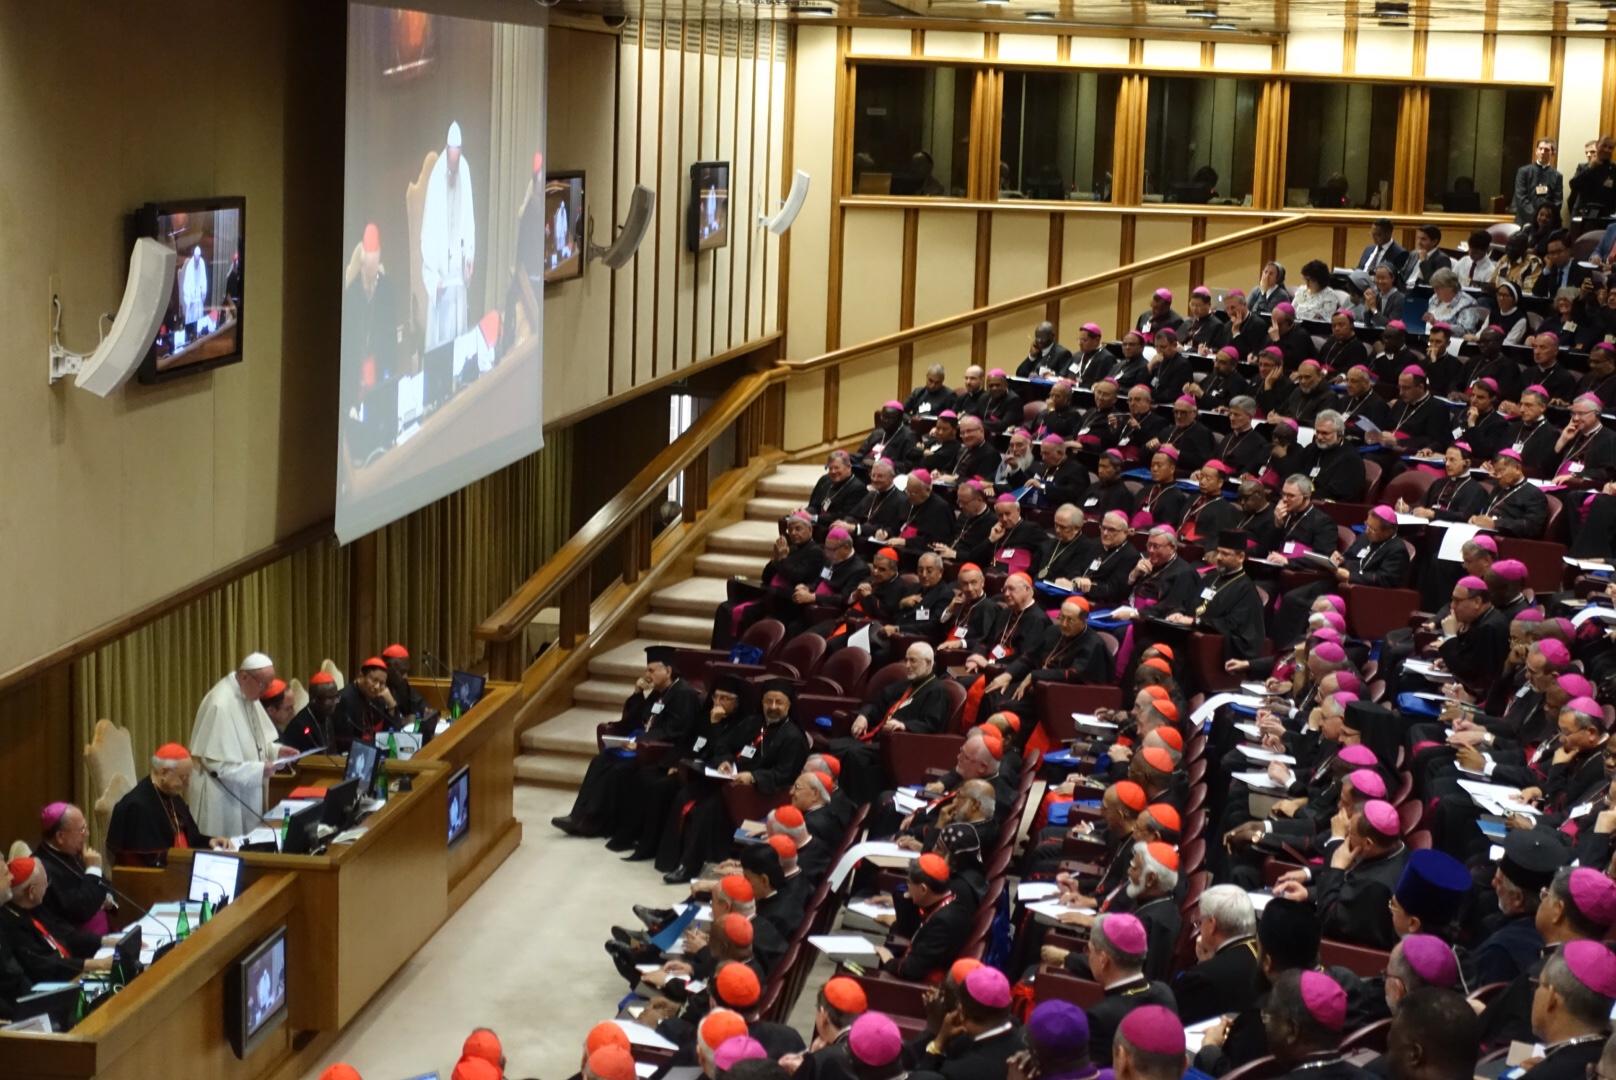 Papst Franziskus bei seiner Eröffnungsansprache am Mittwoch